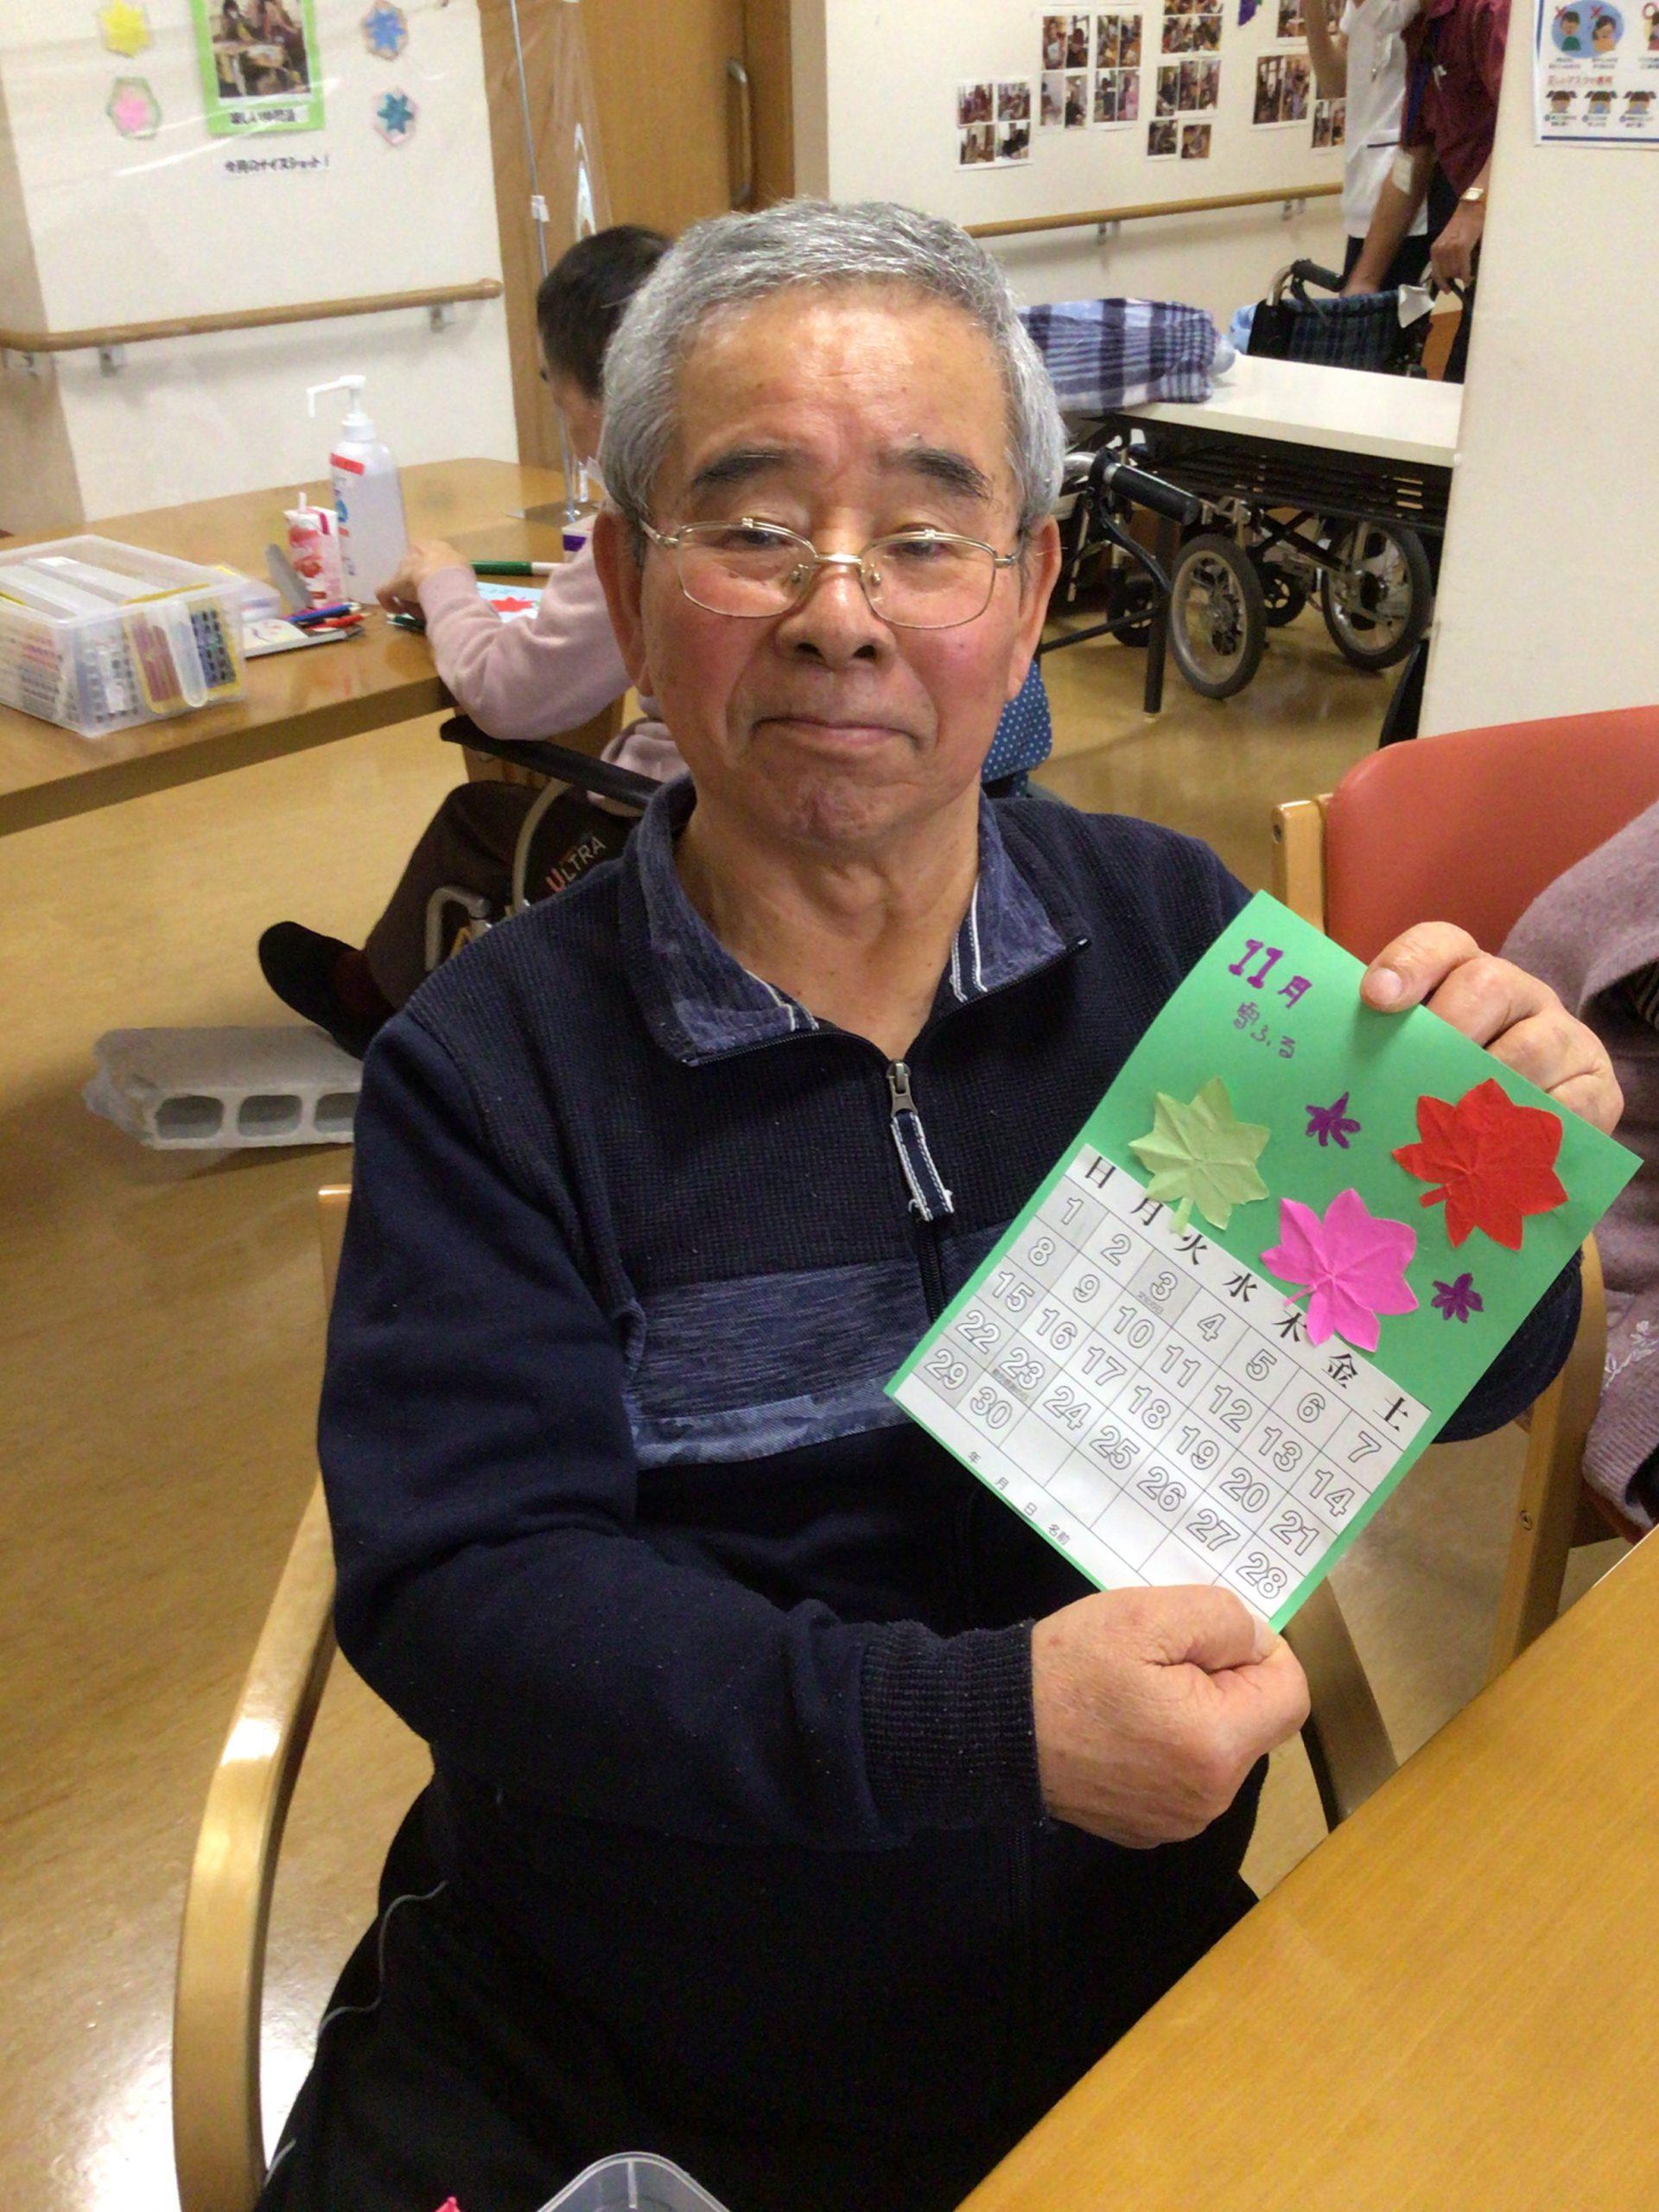 ⭐️湖山ケアサービス米沢⭐️11月のカレンダー作り🍁